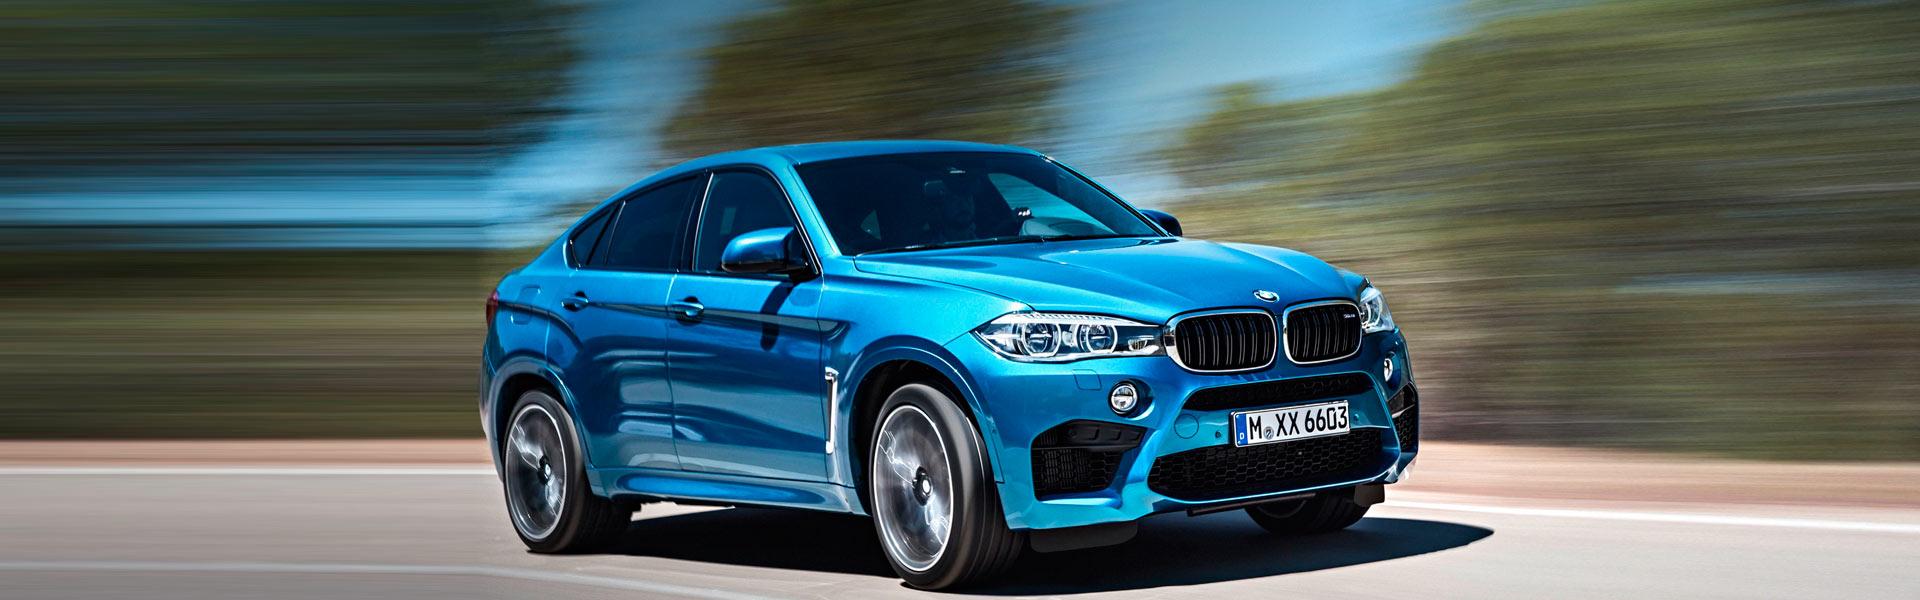 Сервис BMW X6